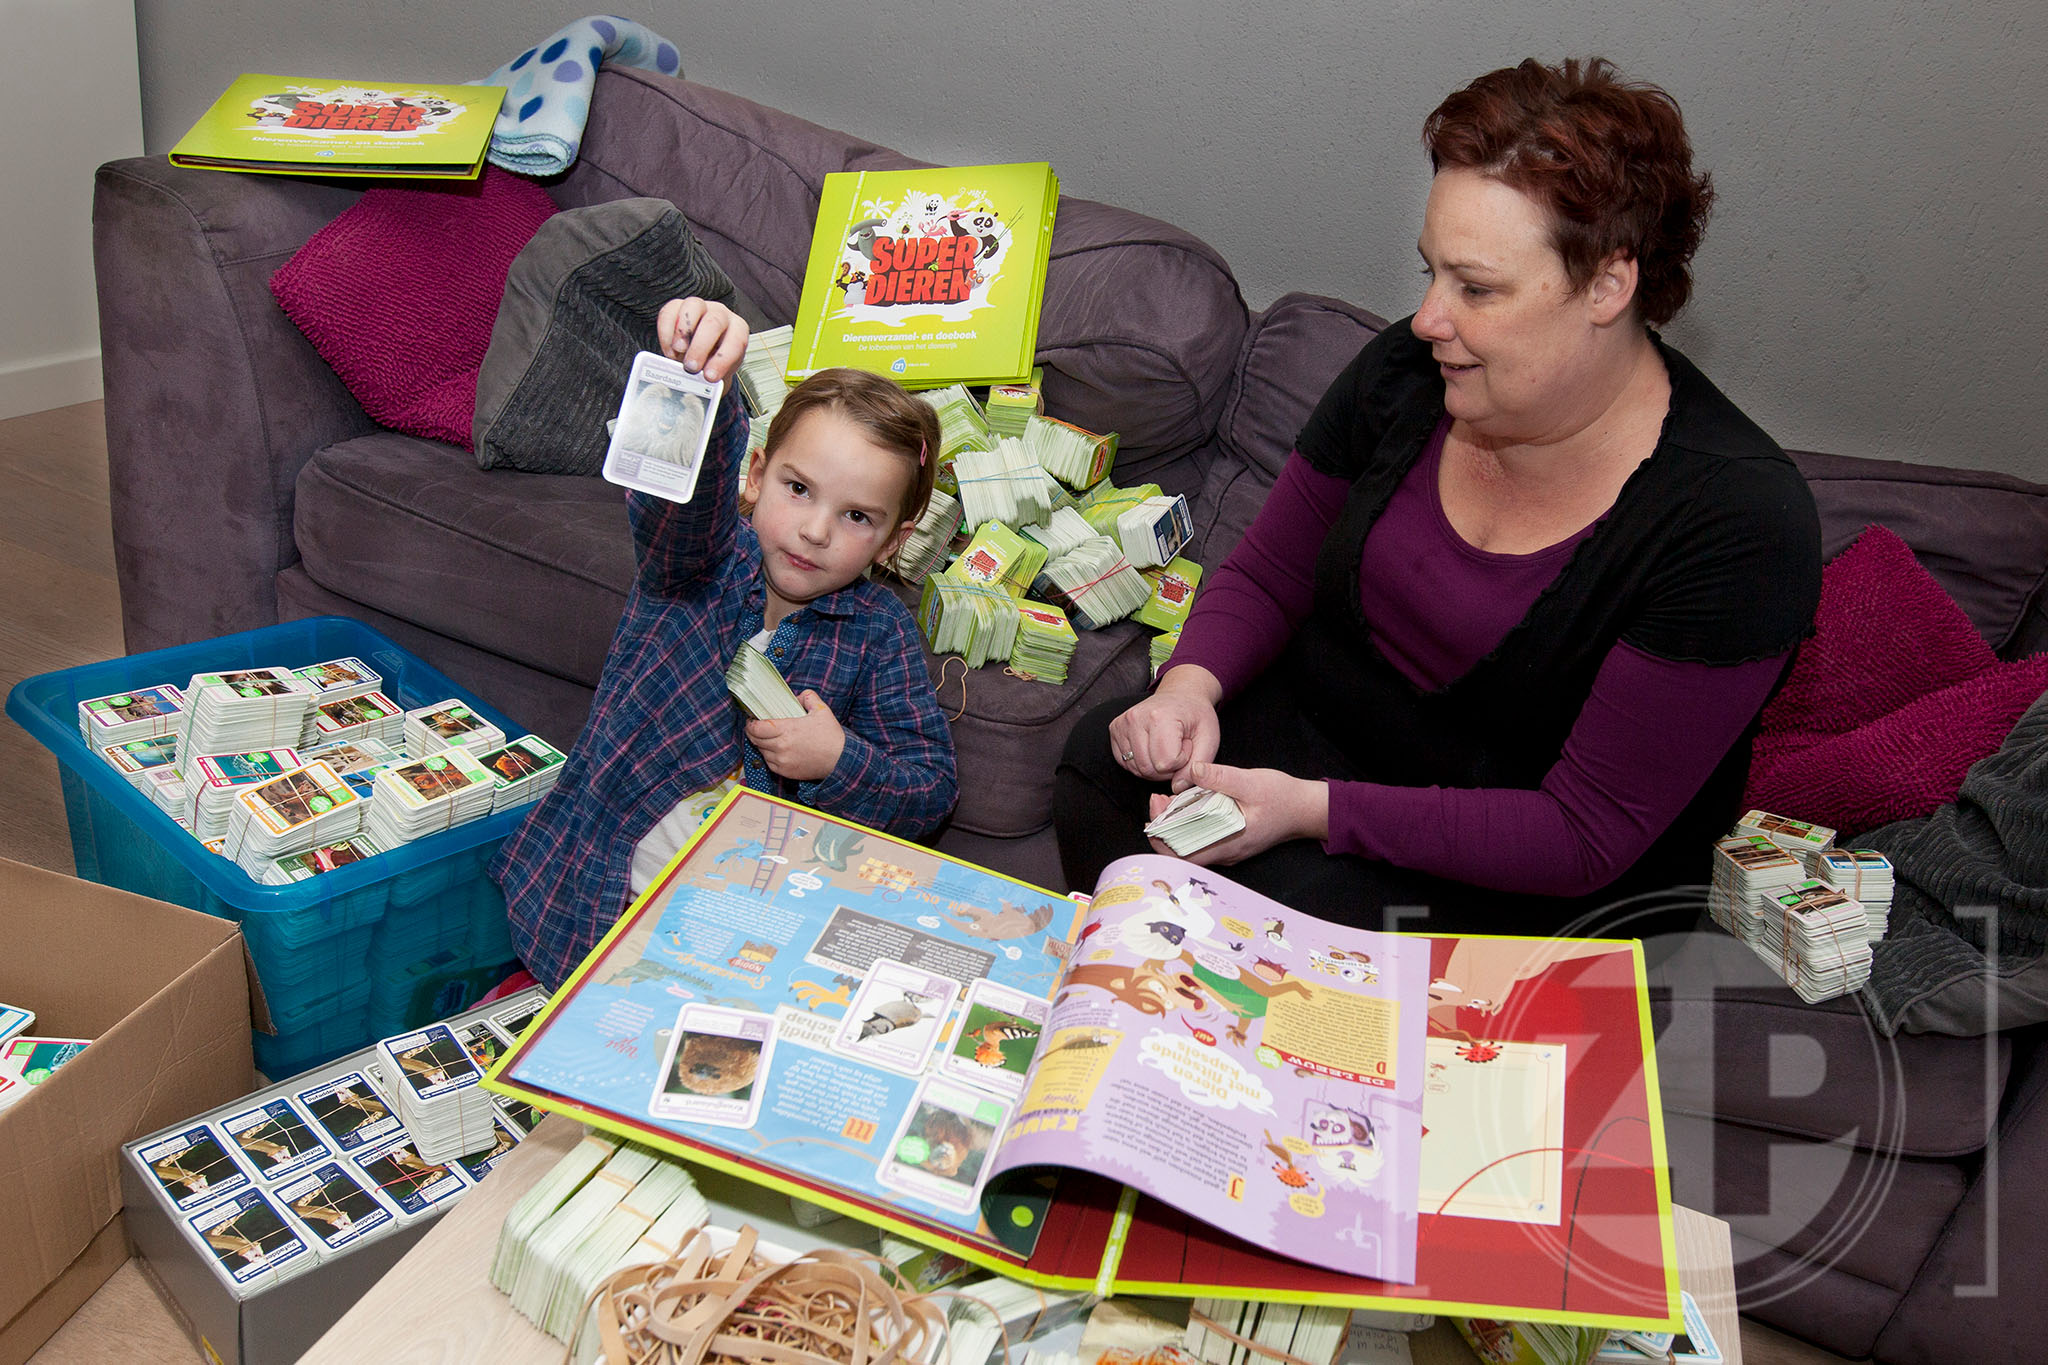 Agnes Klein Haneveld heeft boeken aangeschaft en zamelt dierenplaatjes in om kinderen die het wat minder hebben een mooi cadeau te kunnen geven. Op de foto is ze samen met haar dochter Ise aan het sorteren.